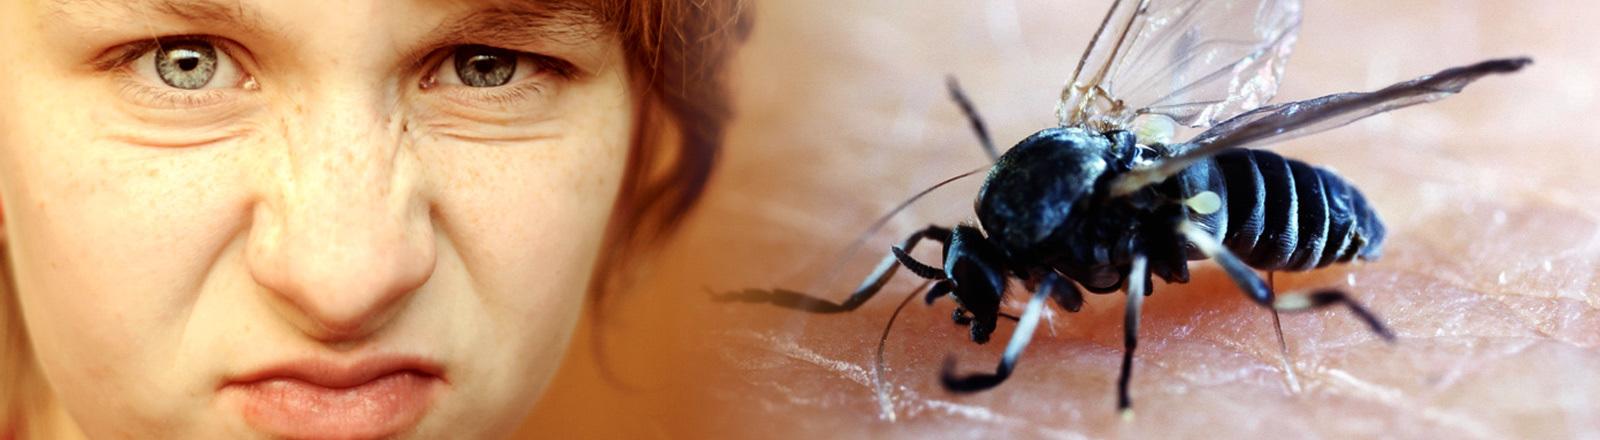 Collage: angewidertes Gesicht und Kriebelmücke